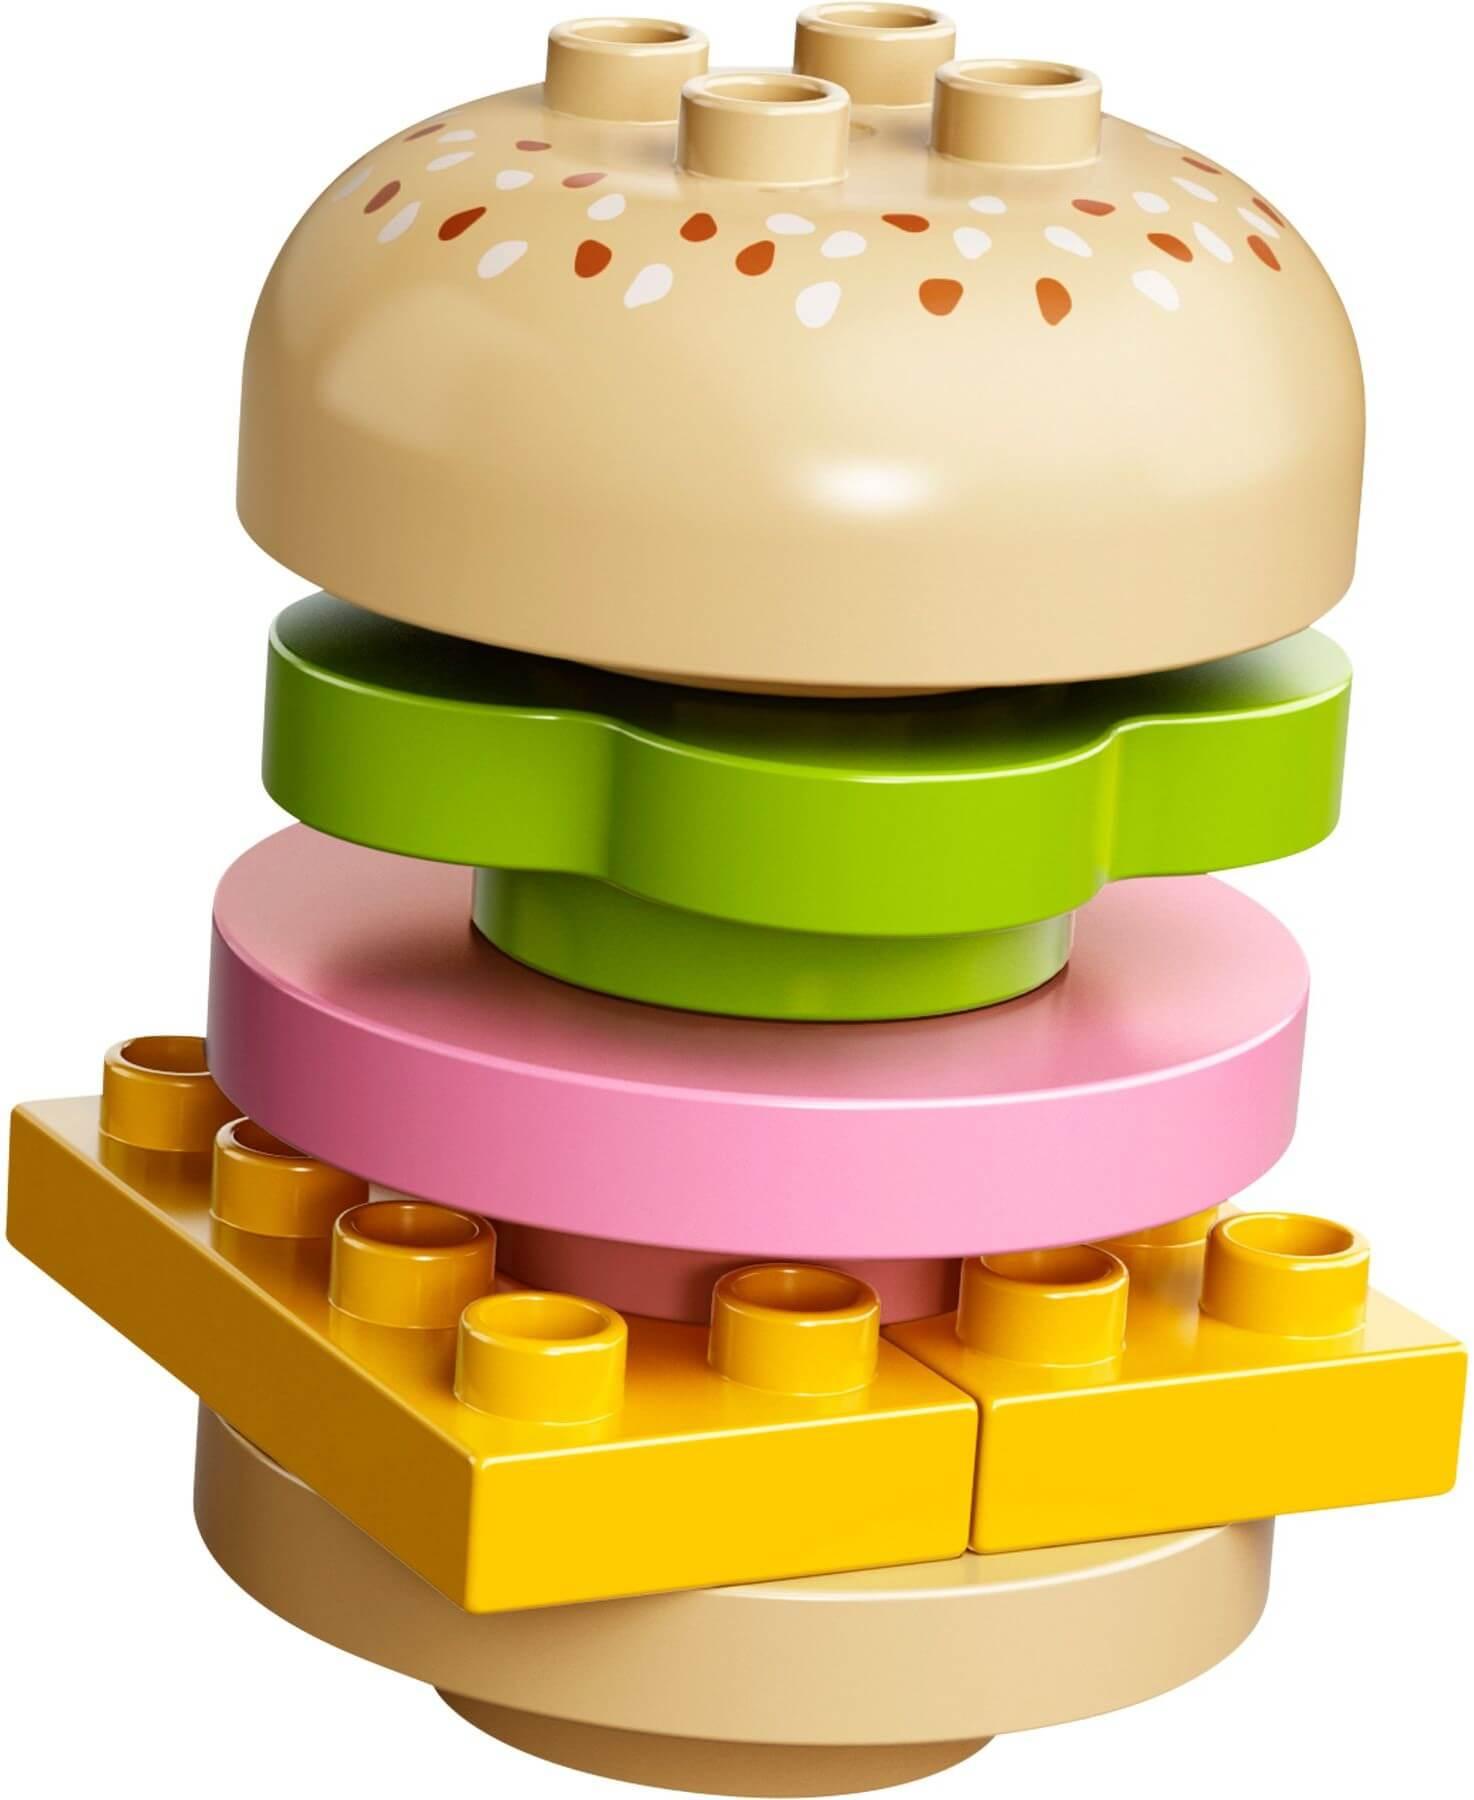 Mua đồ chơi LEGO 10566 - LEGO DUPLO 10566 - Bộ lắp ráp mô hình Thức Ăn của Bé (LEGO DUPLO Creative Picnic 10566)